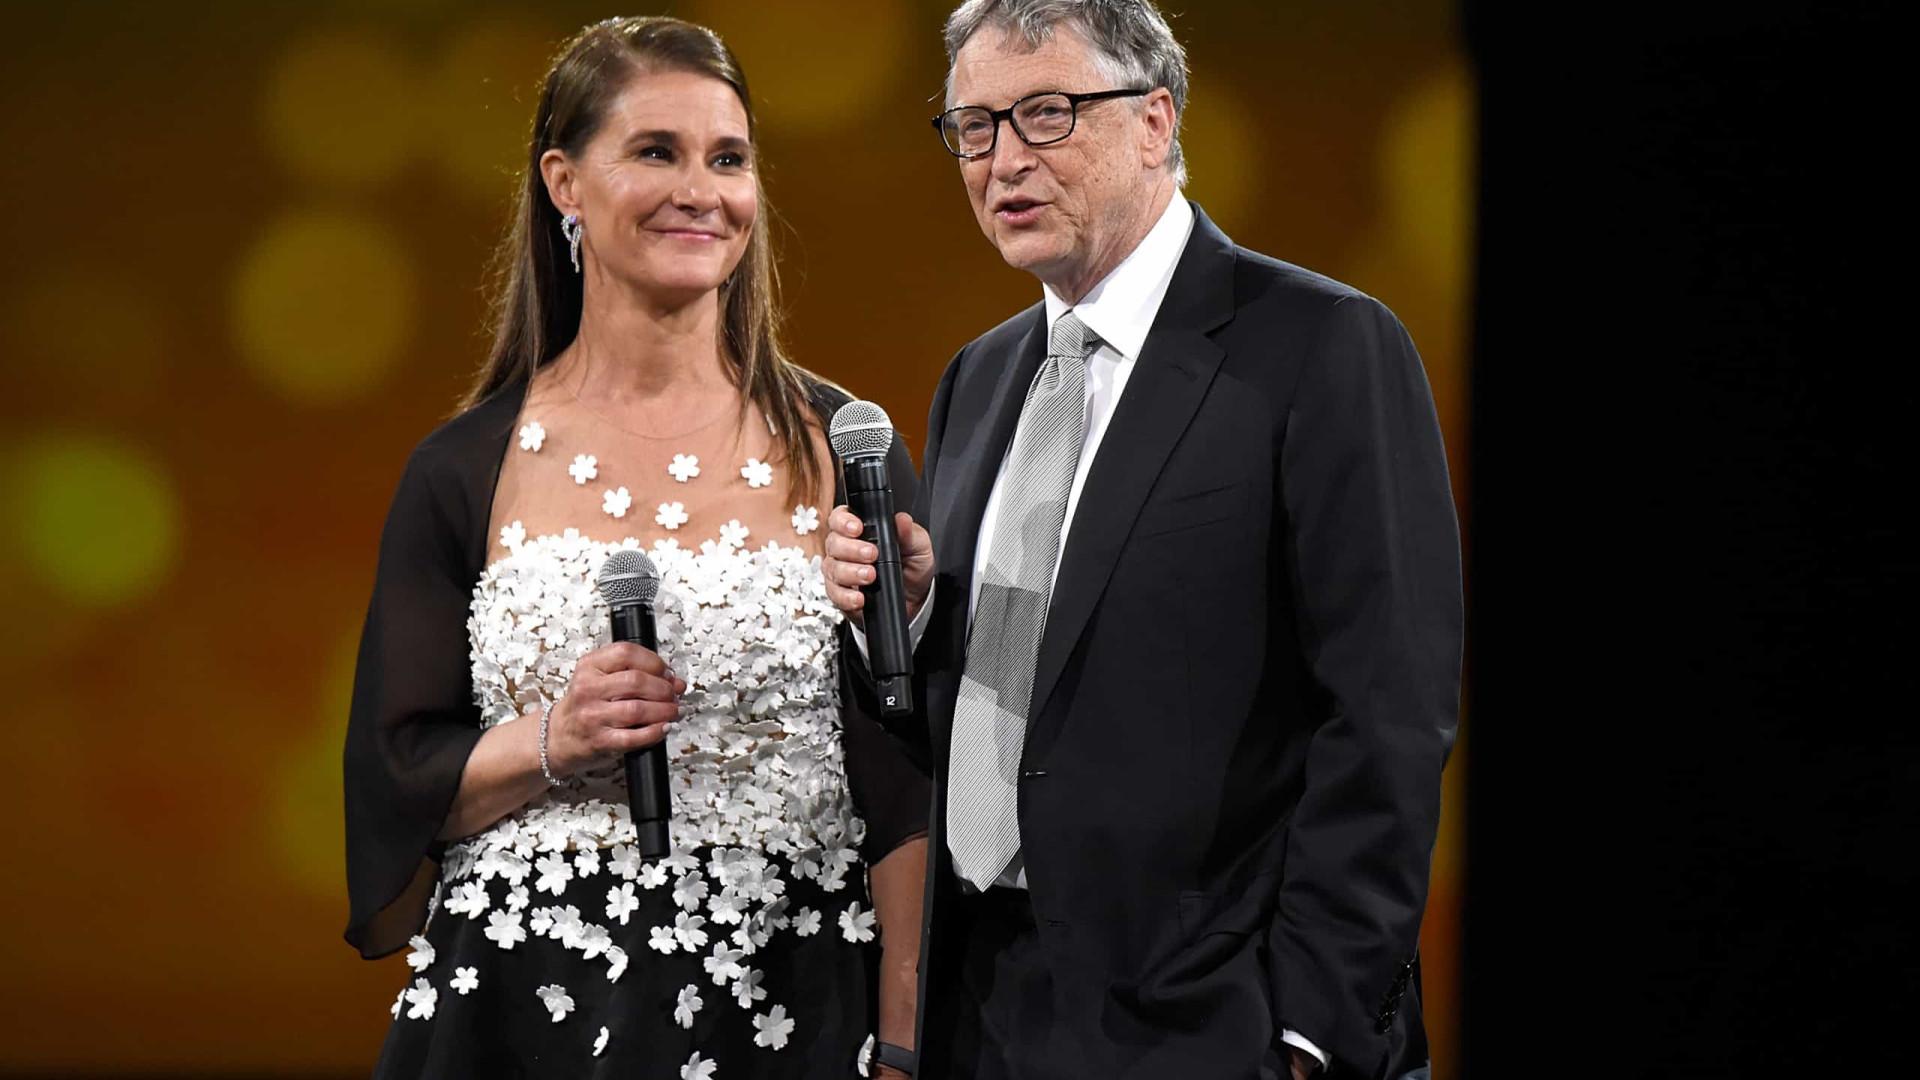 Fundação Bill e Melinda Gates anuncia apoio para combater desnutrição